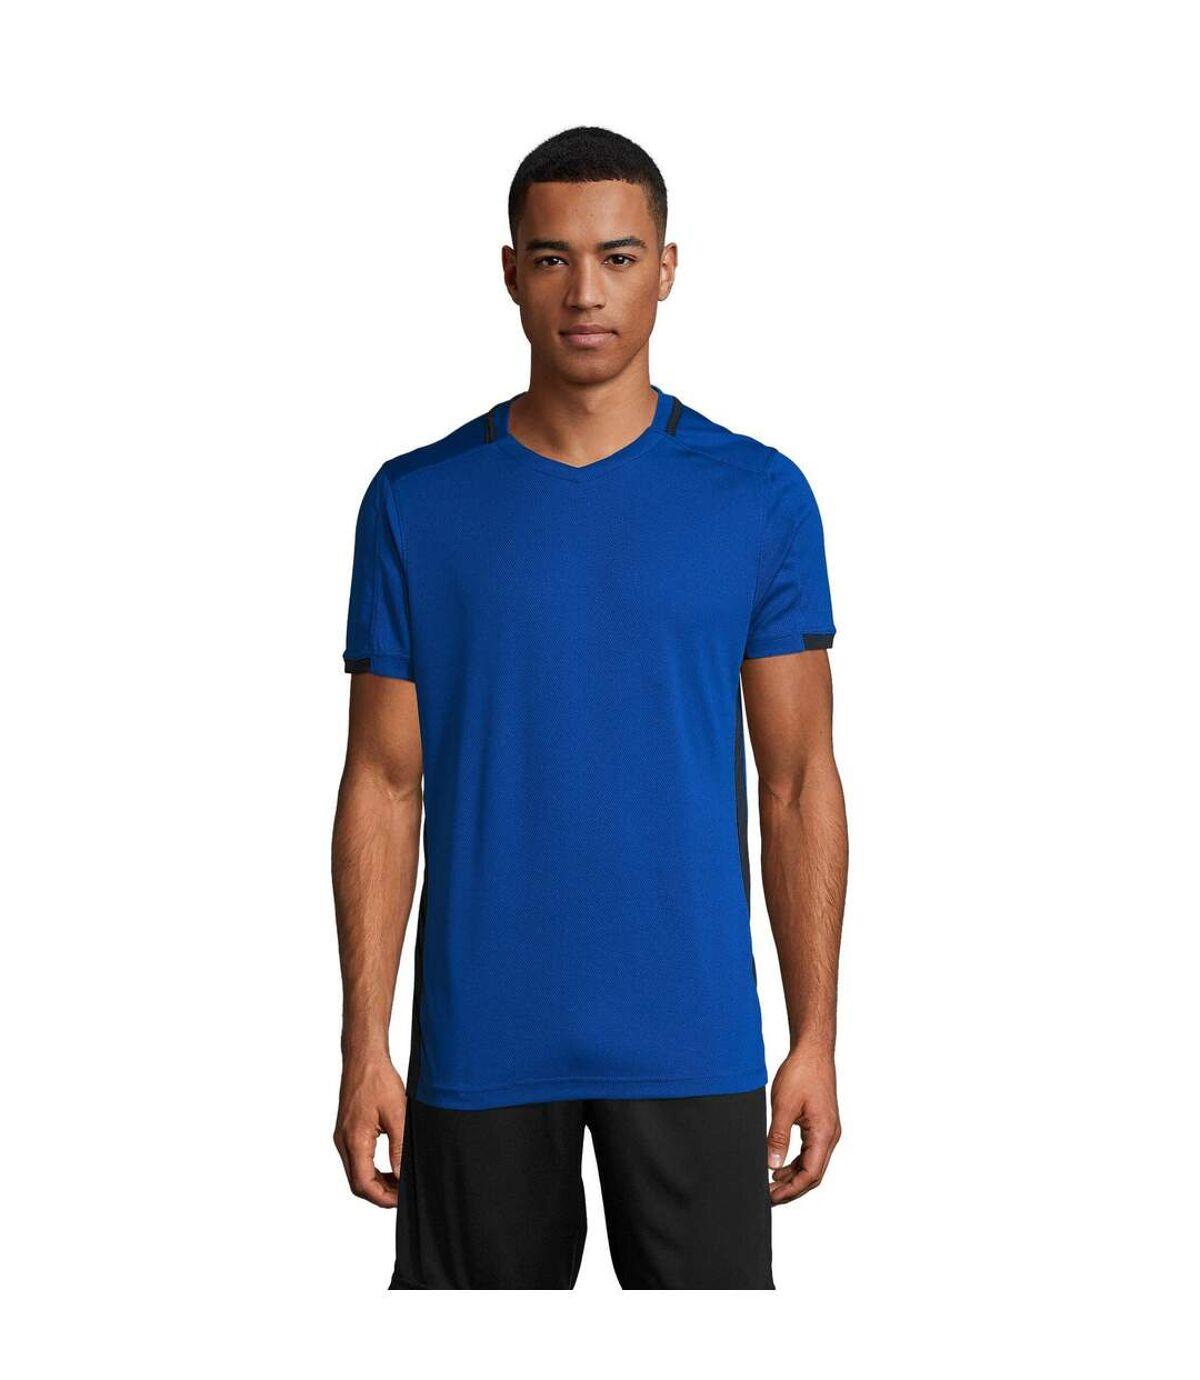 Sols Classico- T-Shirt De Football - Homme (Bleu roi/Bleu marine) - UTPC2787